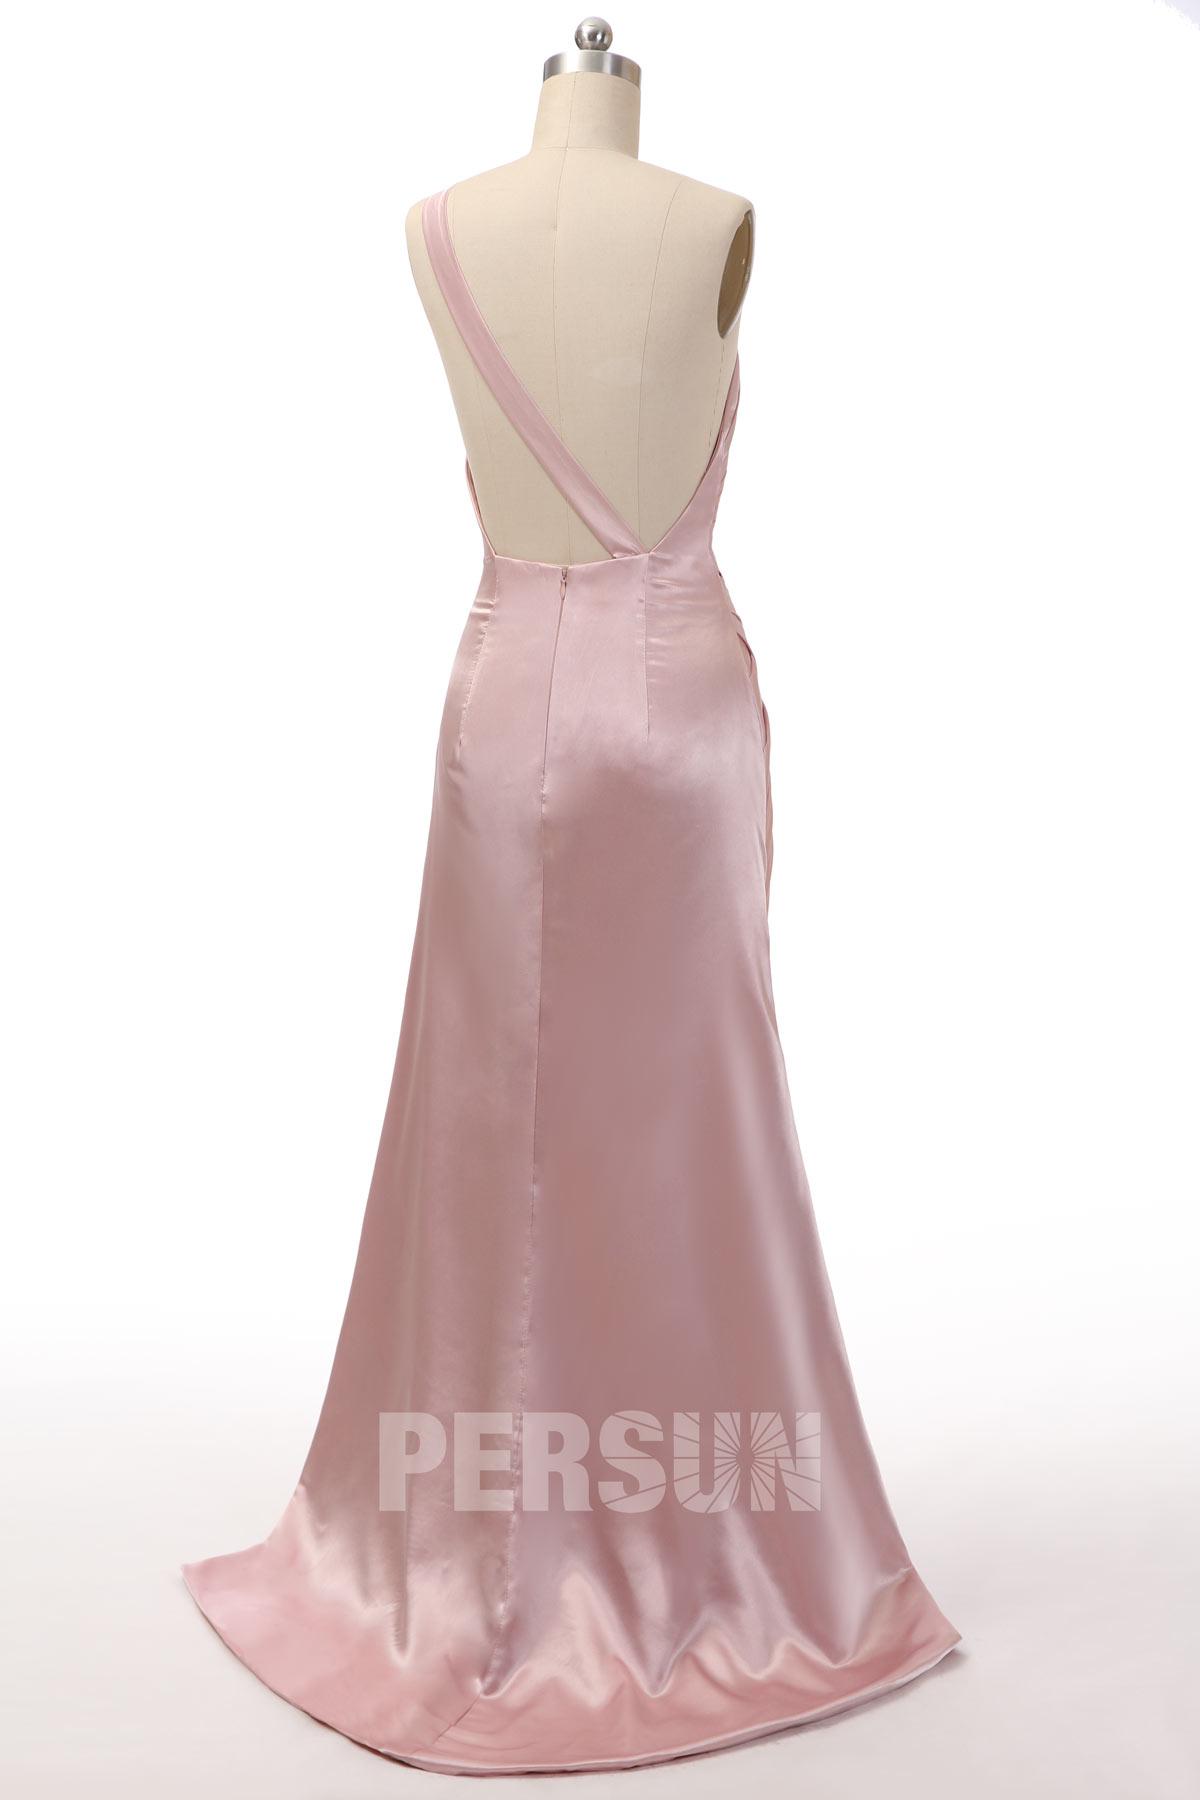 Robe de célébrité Delilah Belle Hamlin rose pâle asymétrique fendue